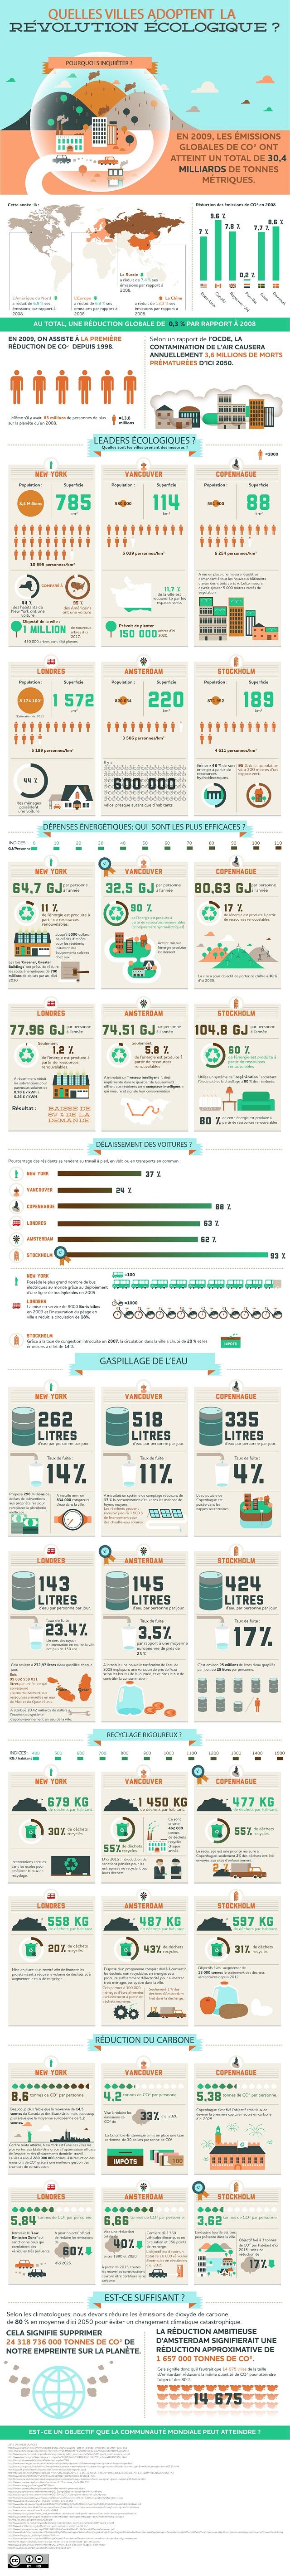 infographie Housetrip. cliquez sur l'image pour l'agrandir